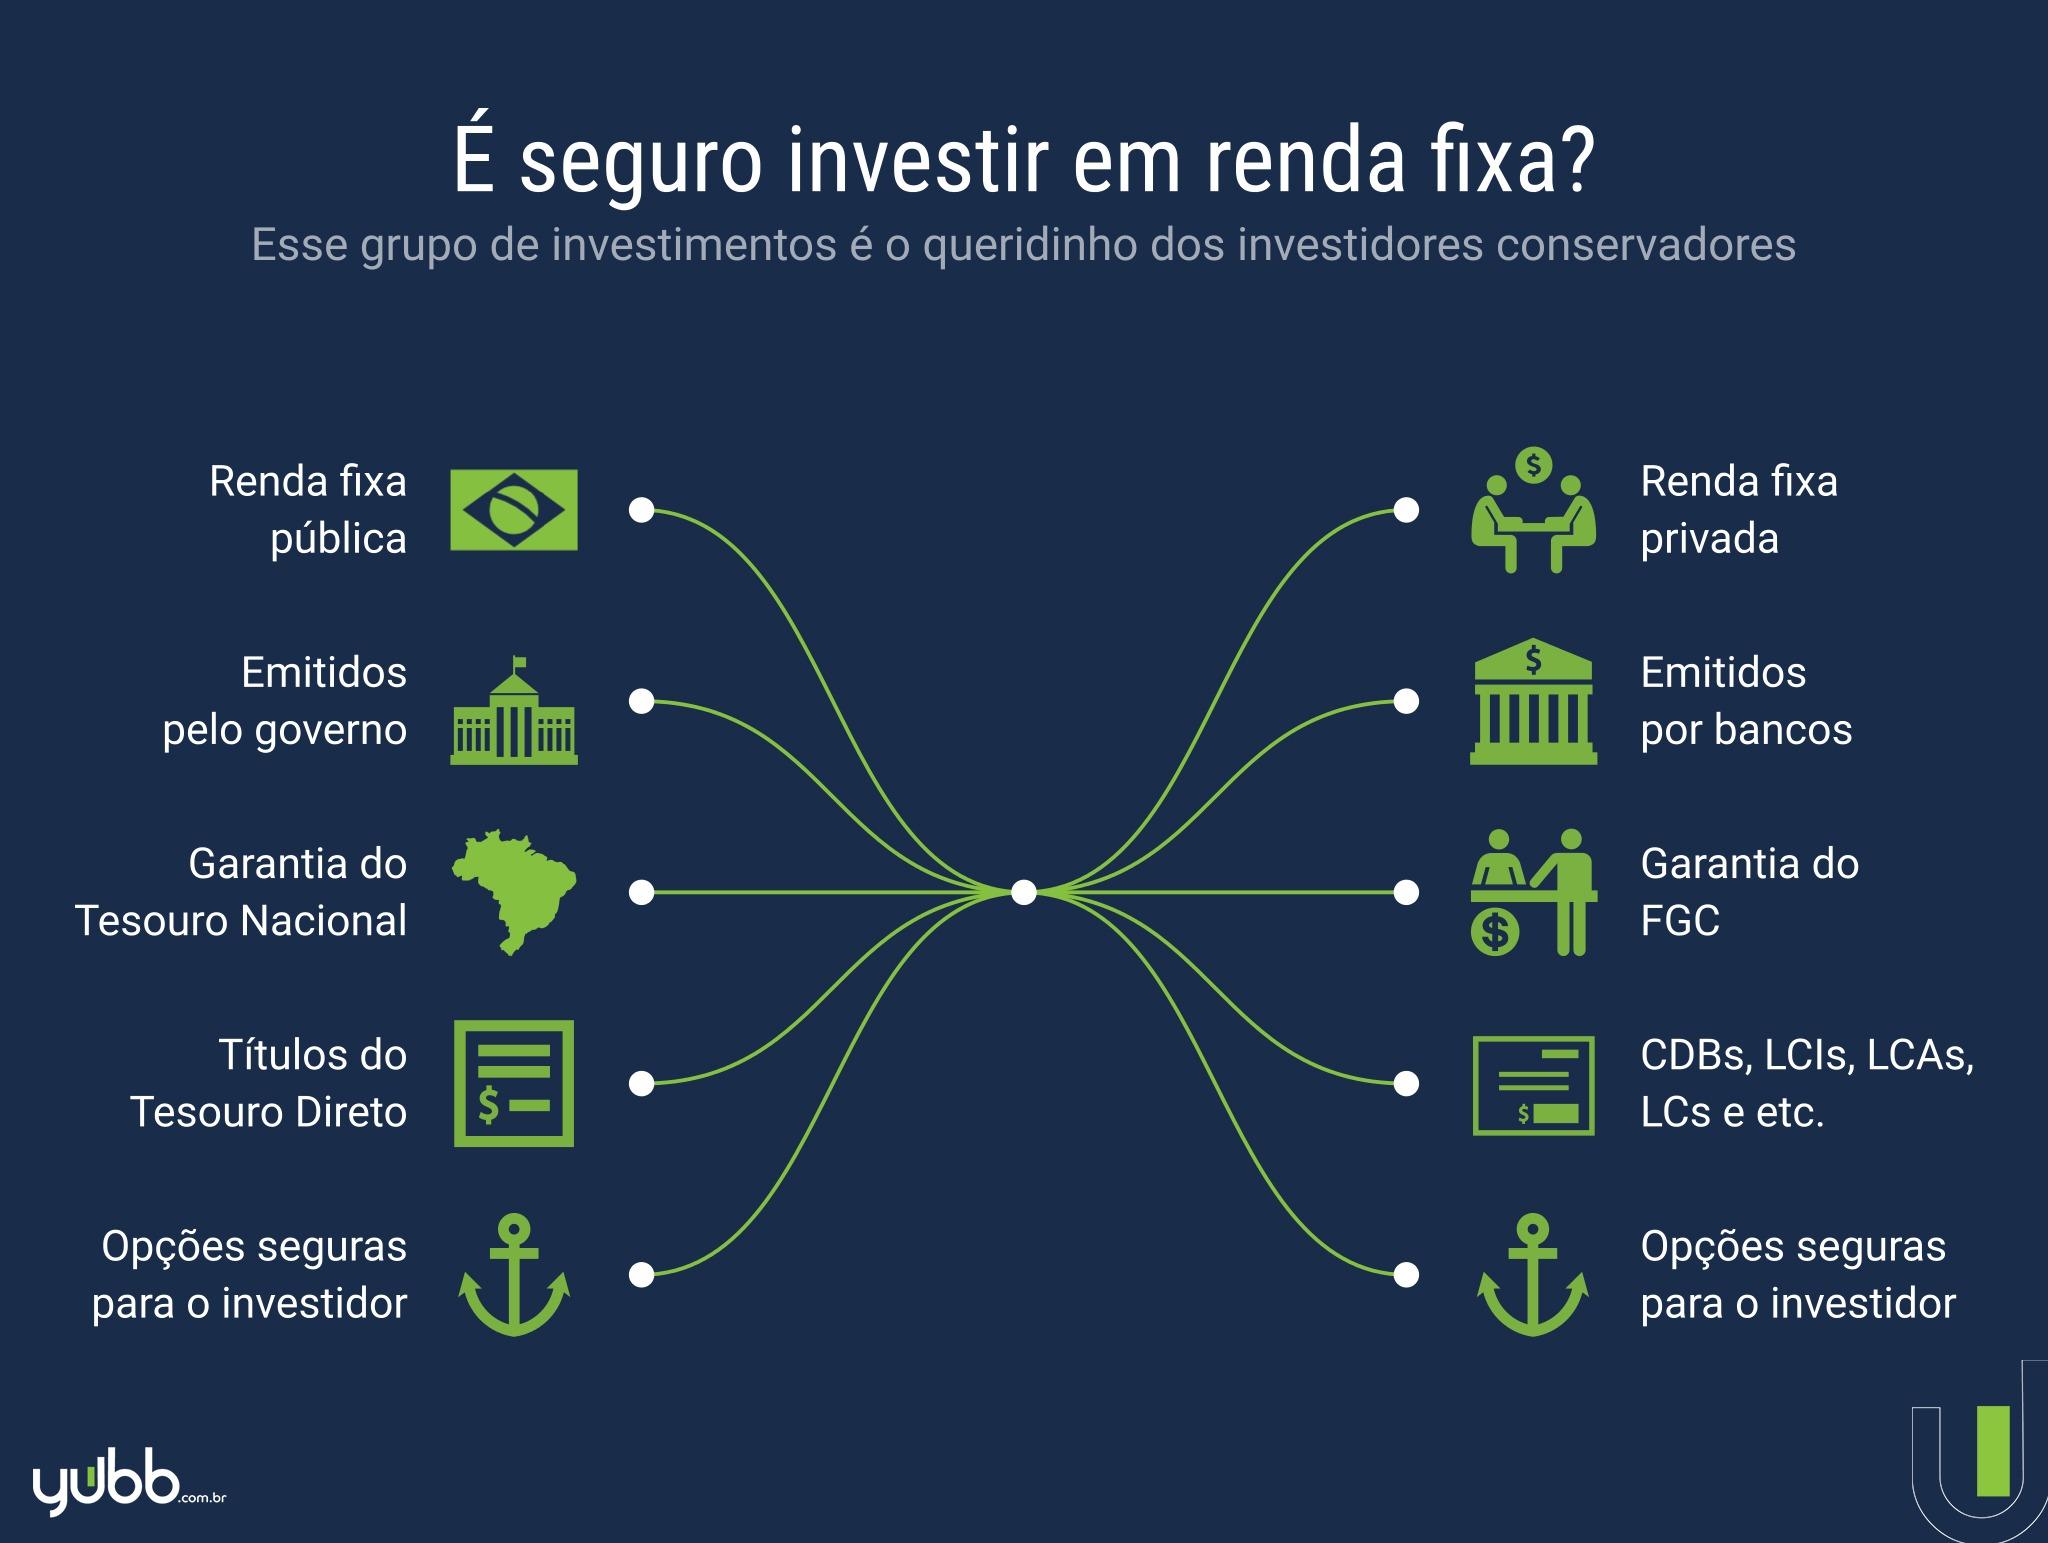 é seguro investir em renda fixa?